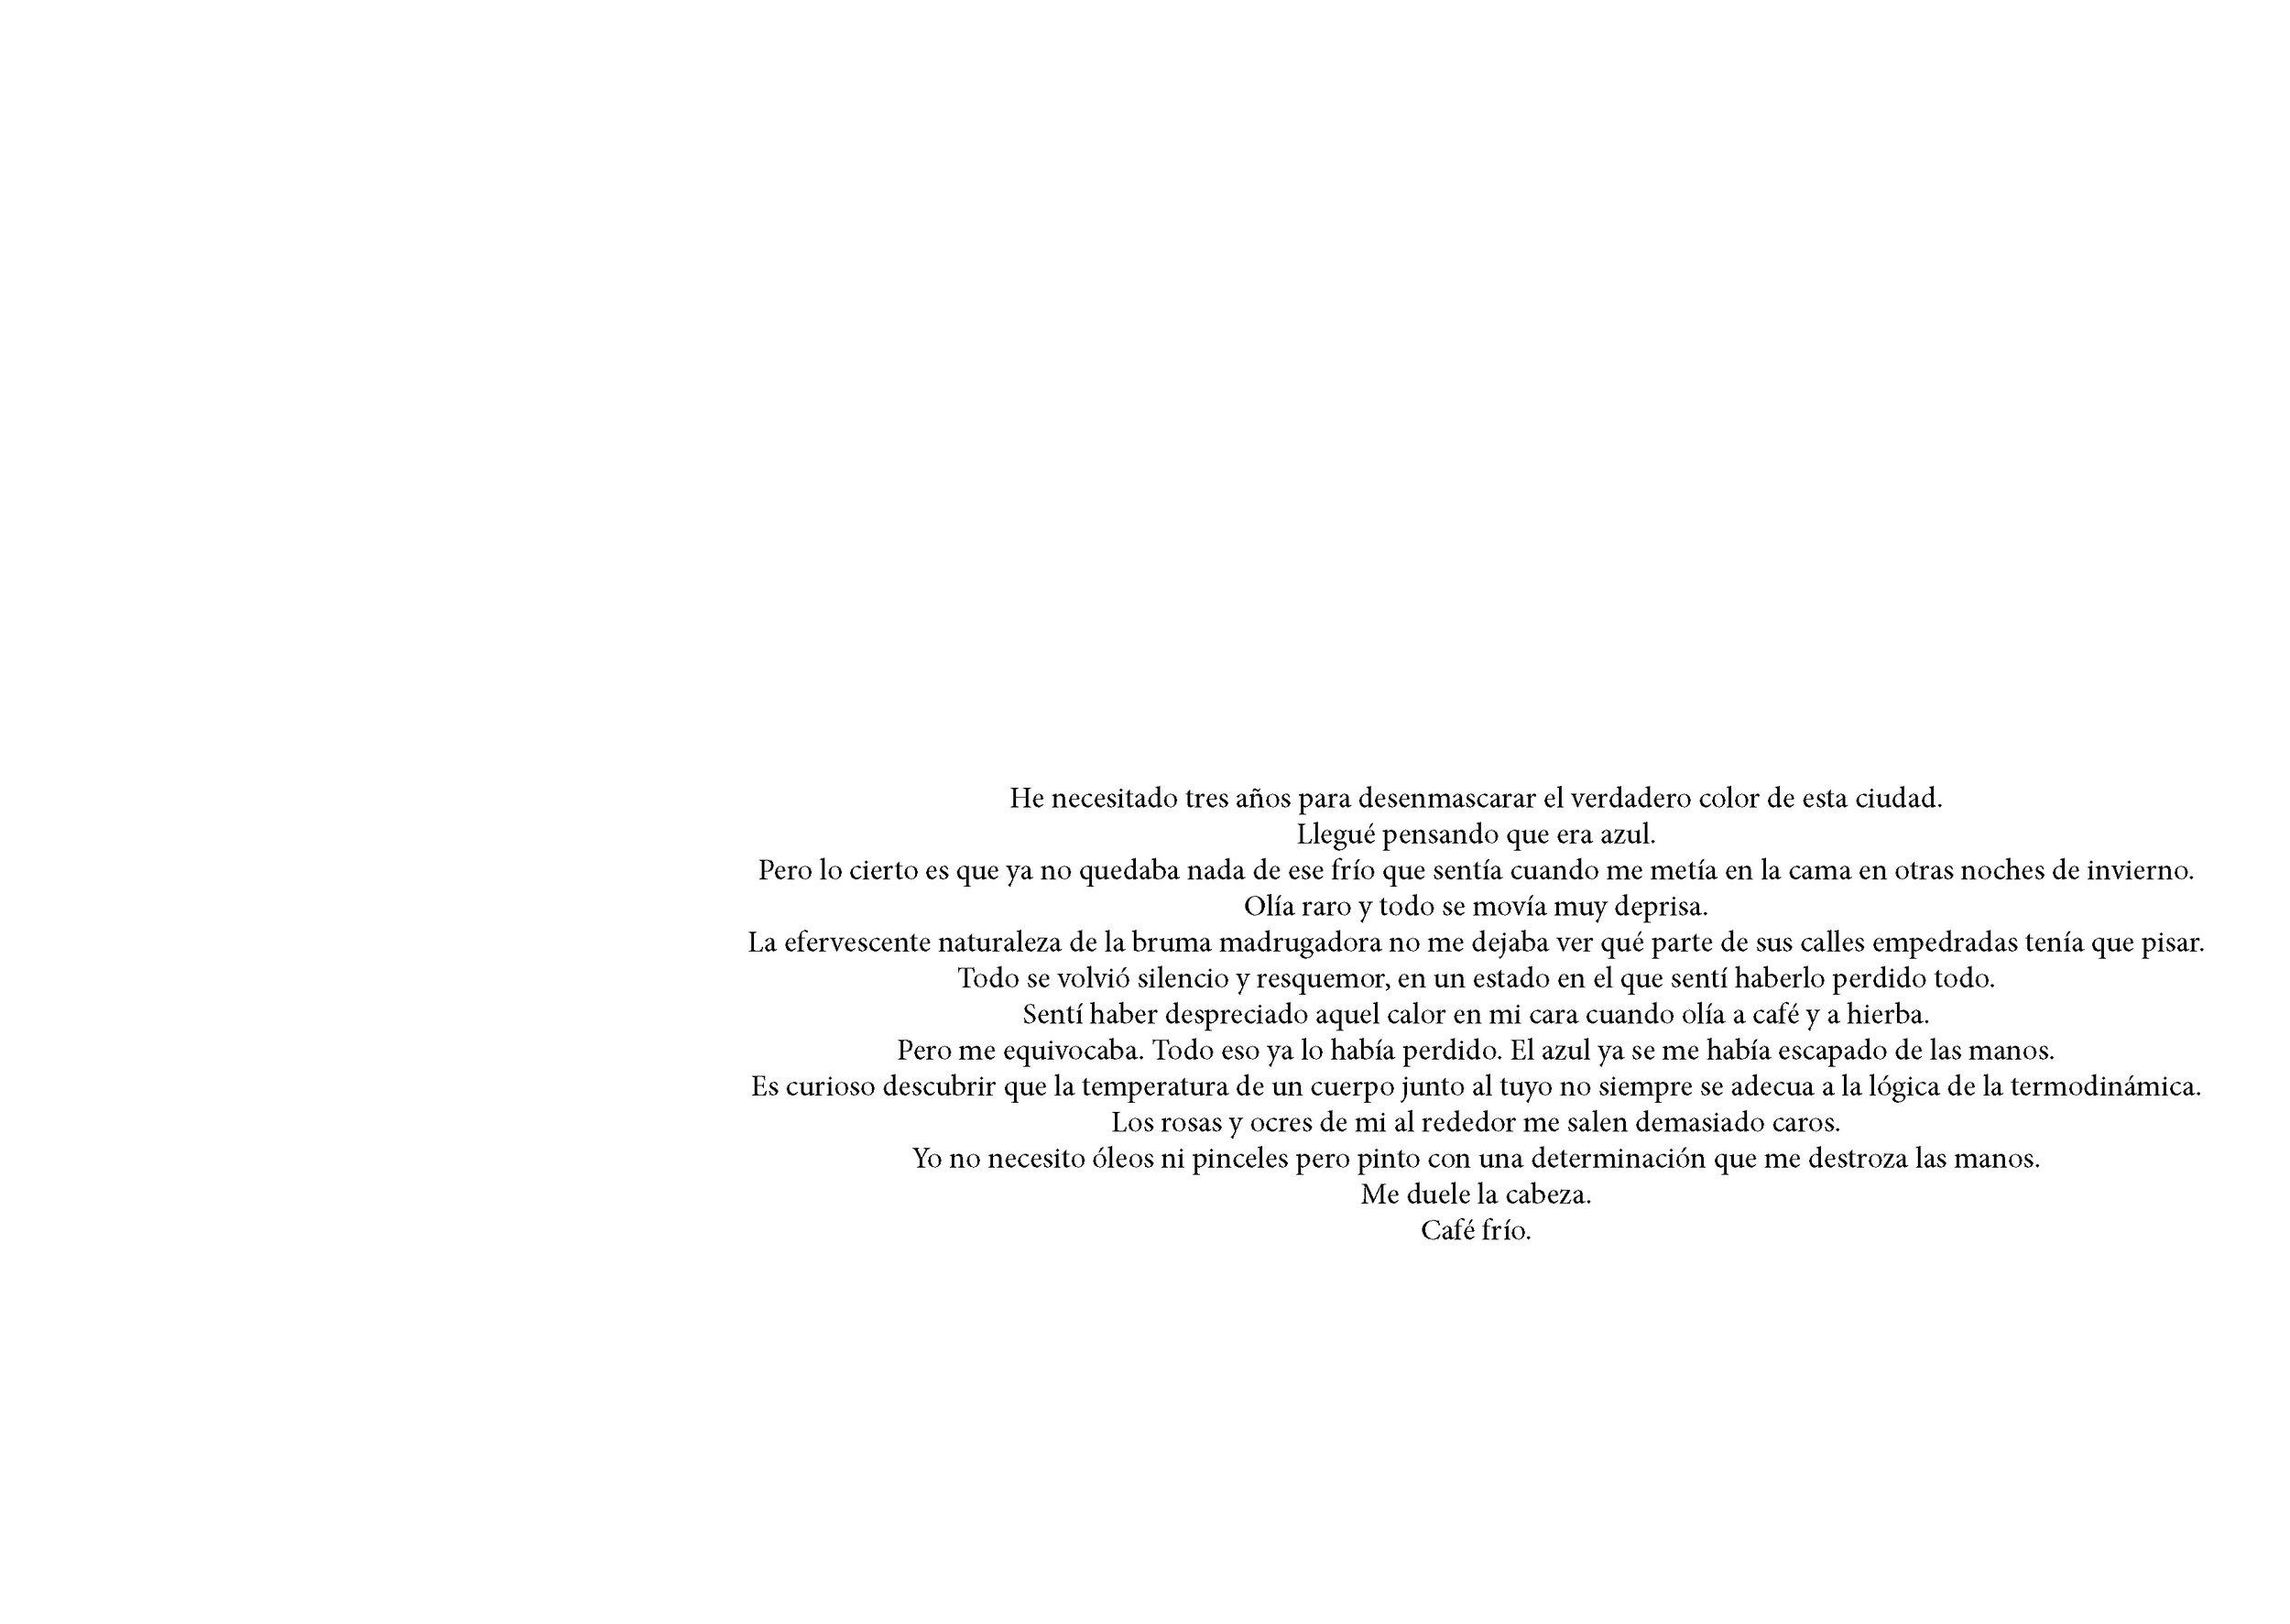 Deconstruccion I - 5APR text20.jpg